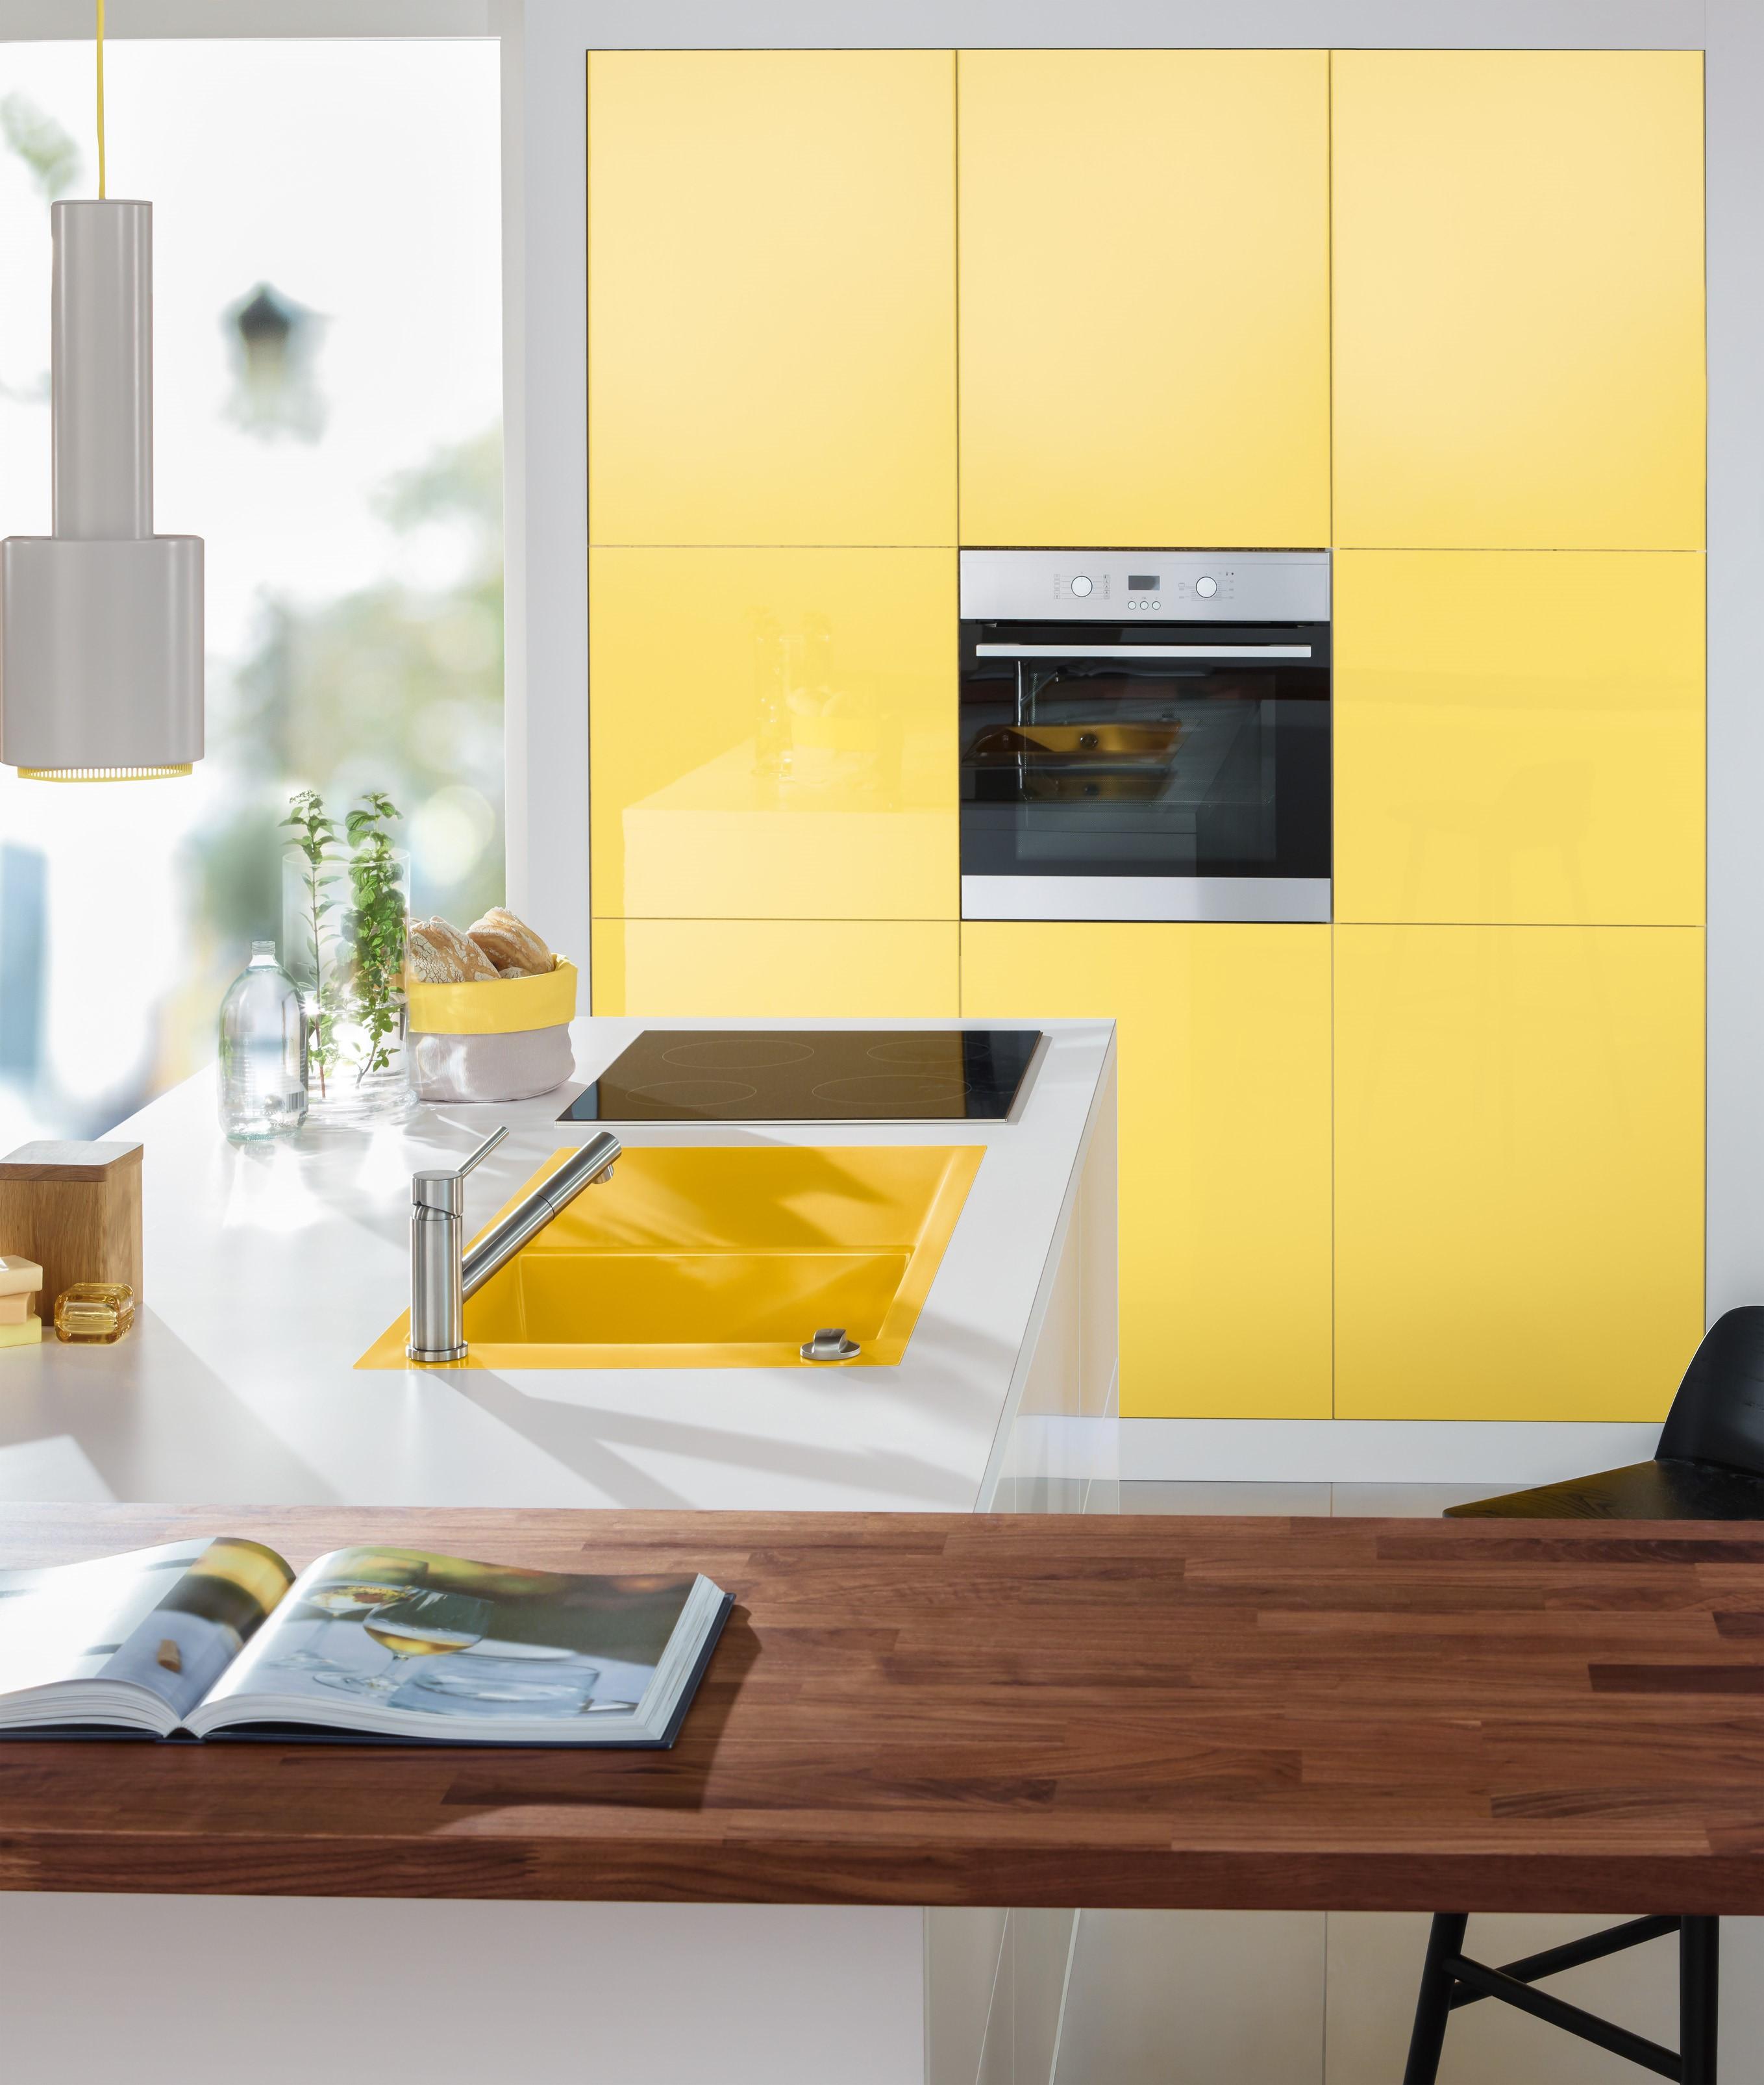 Nett Farbige Küchenschränke 2014 Galerie - Ideen Für Die Küche ...